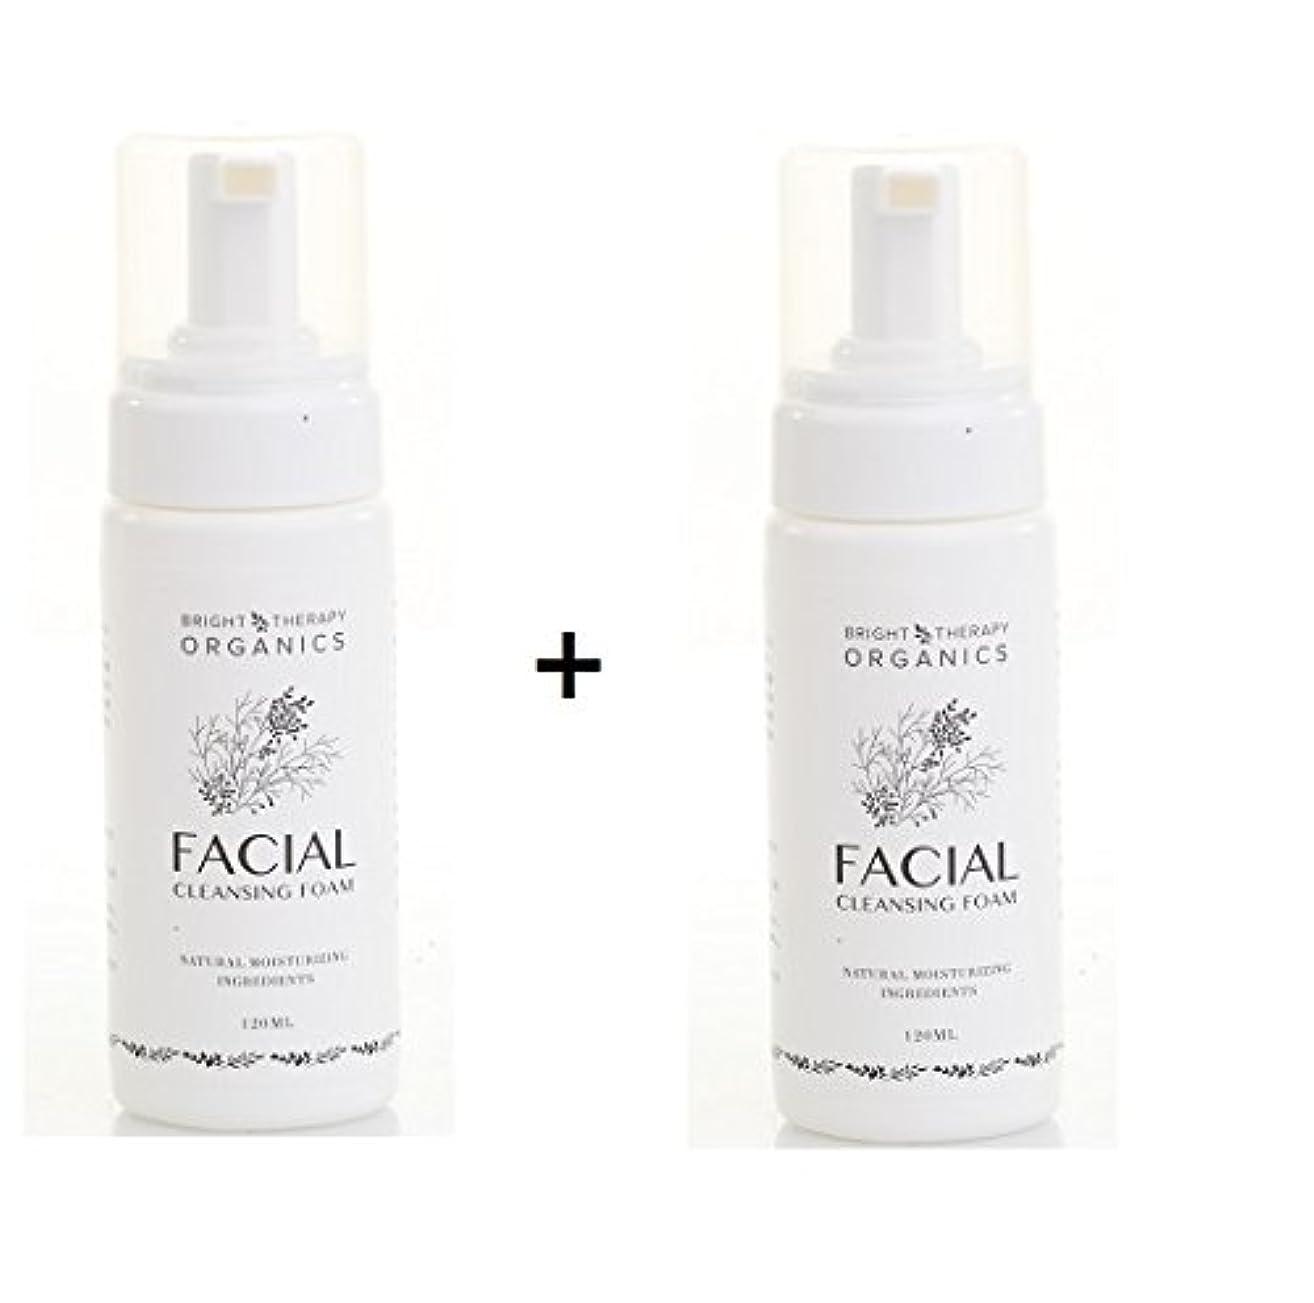 強化昇進カカドゥBrighttherapy(ブライトセラピー)オーガニック洗顔フォーム 2本セット